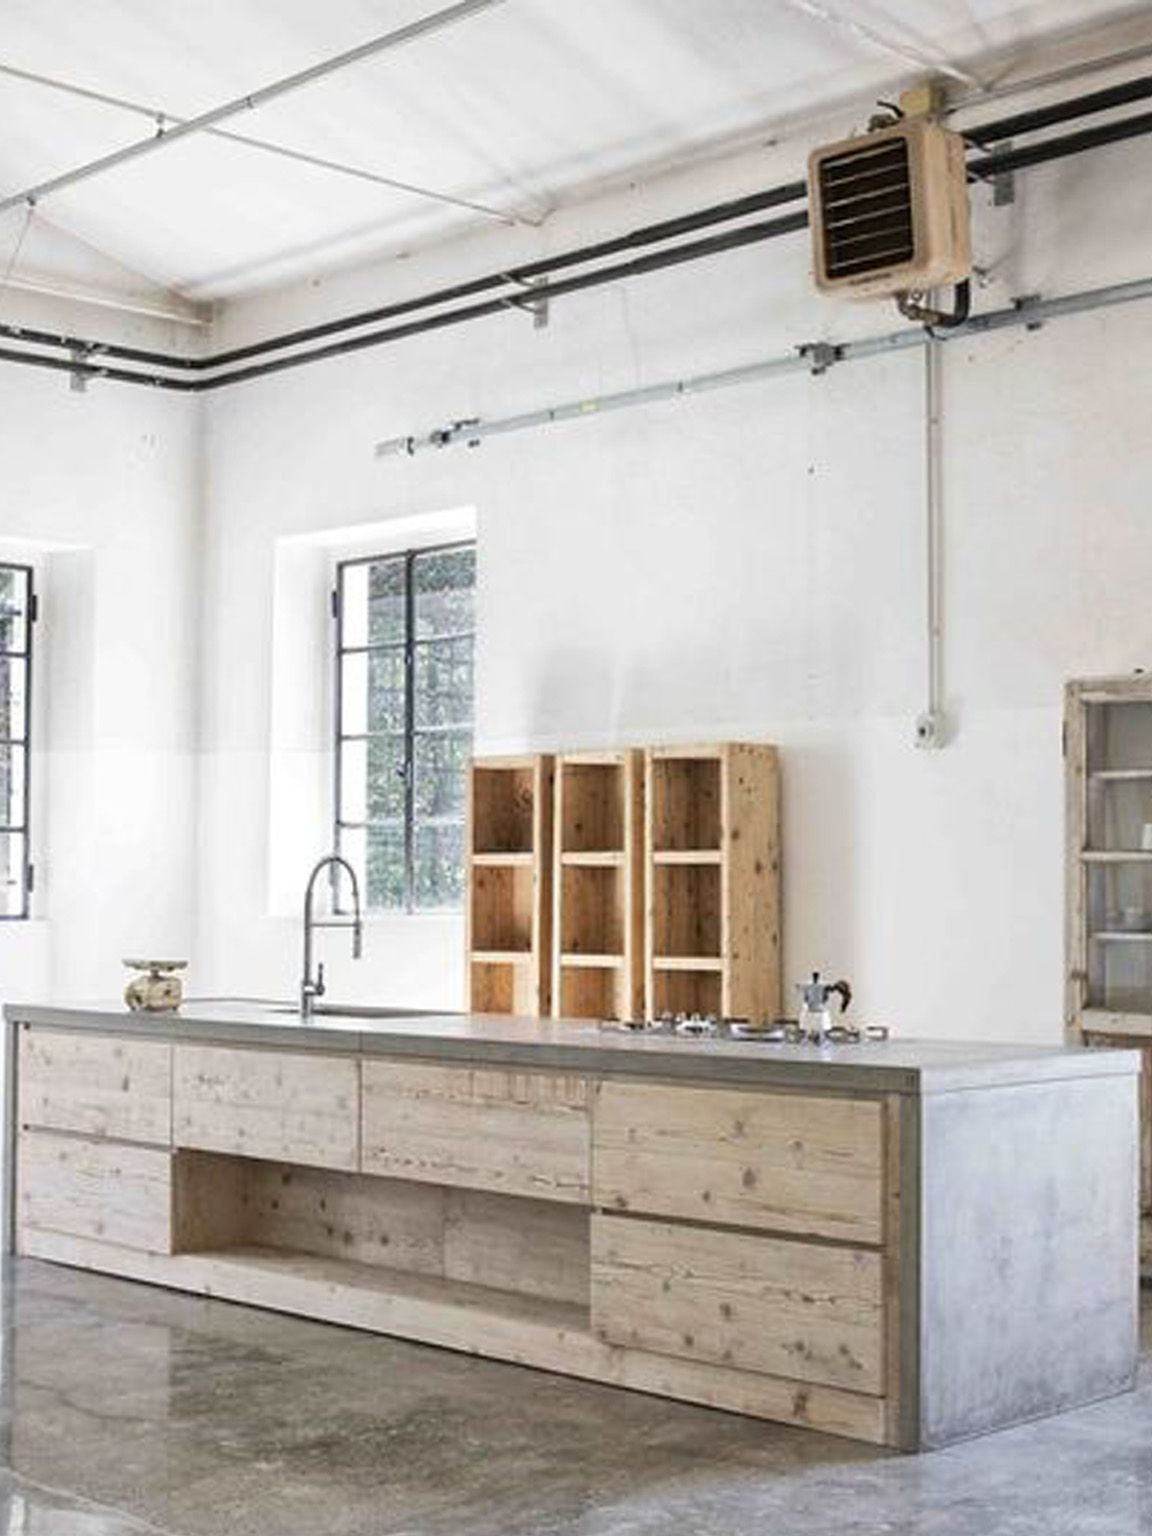 cucina cemento e legno nel 2019 | Cucine rustiche, Interni ...